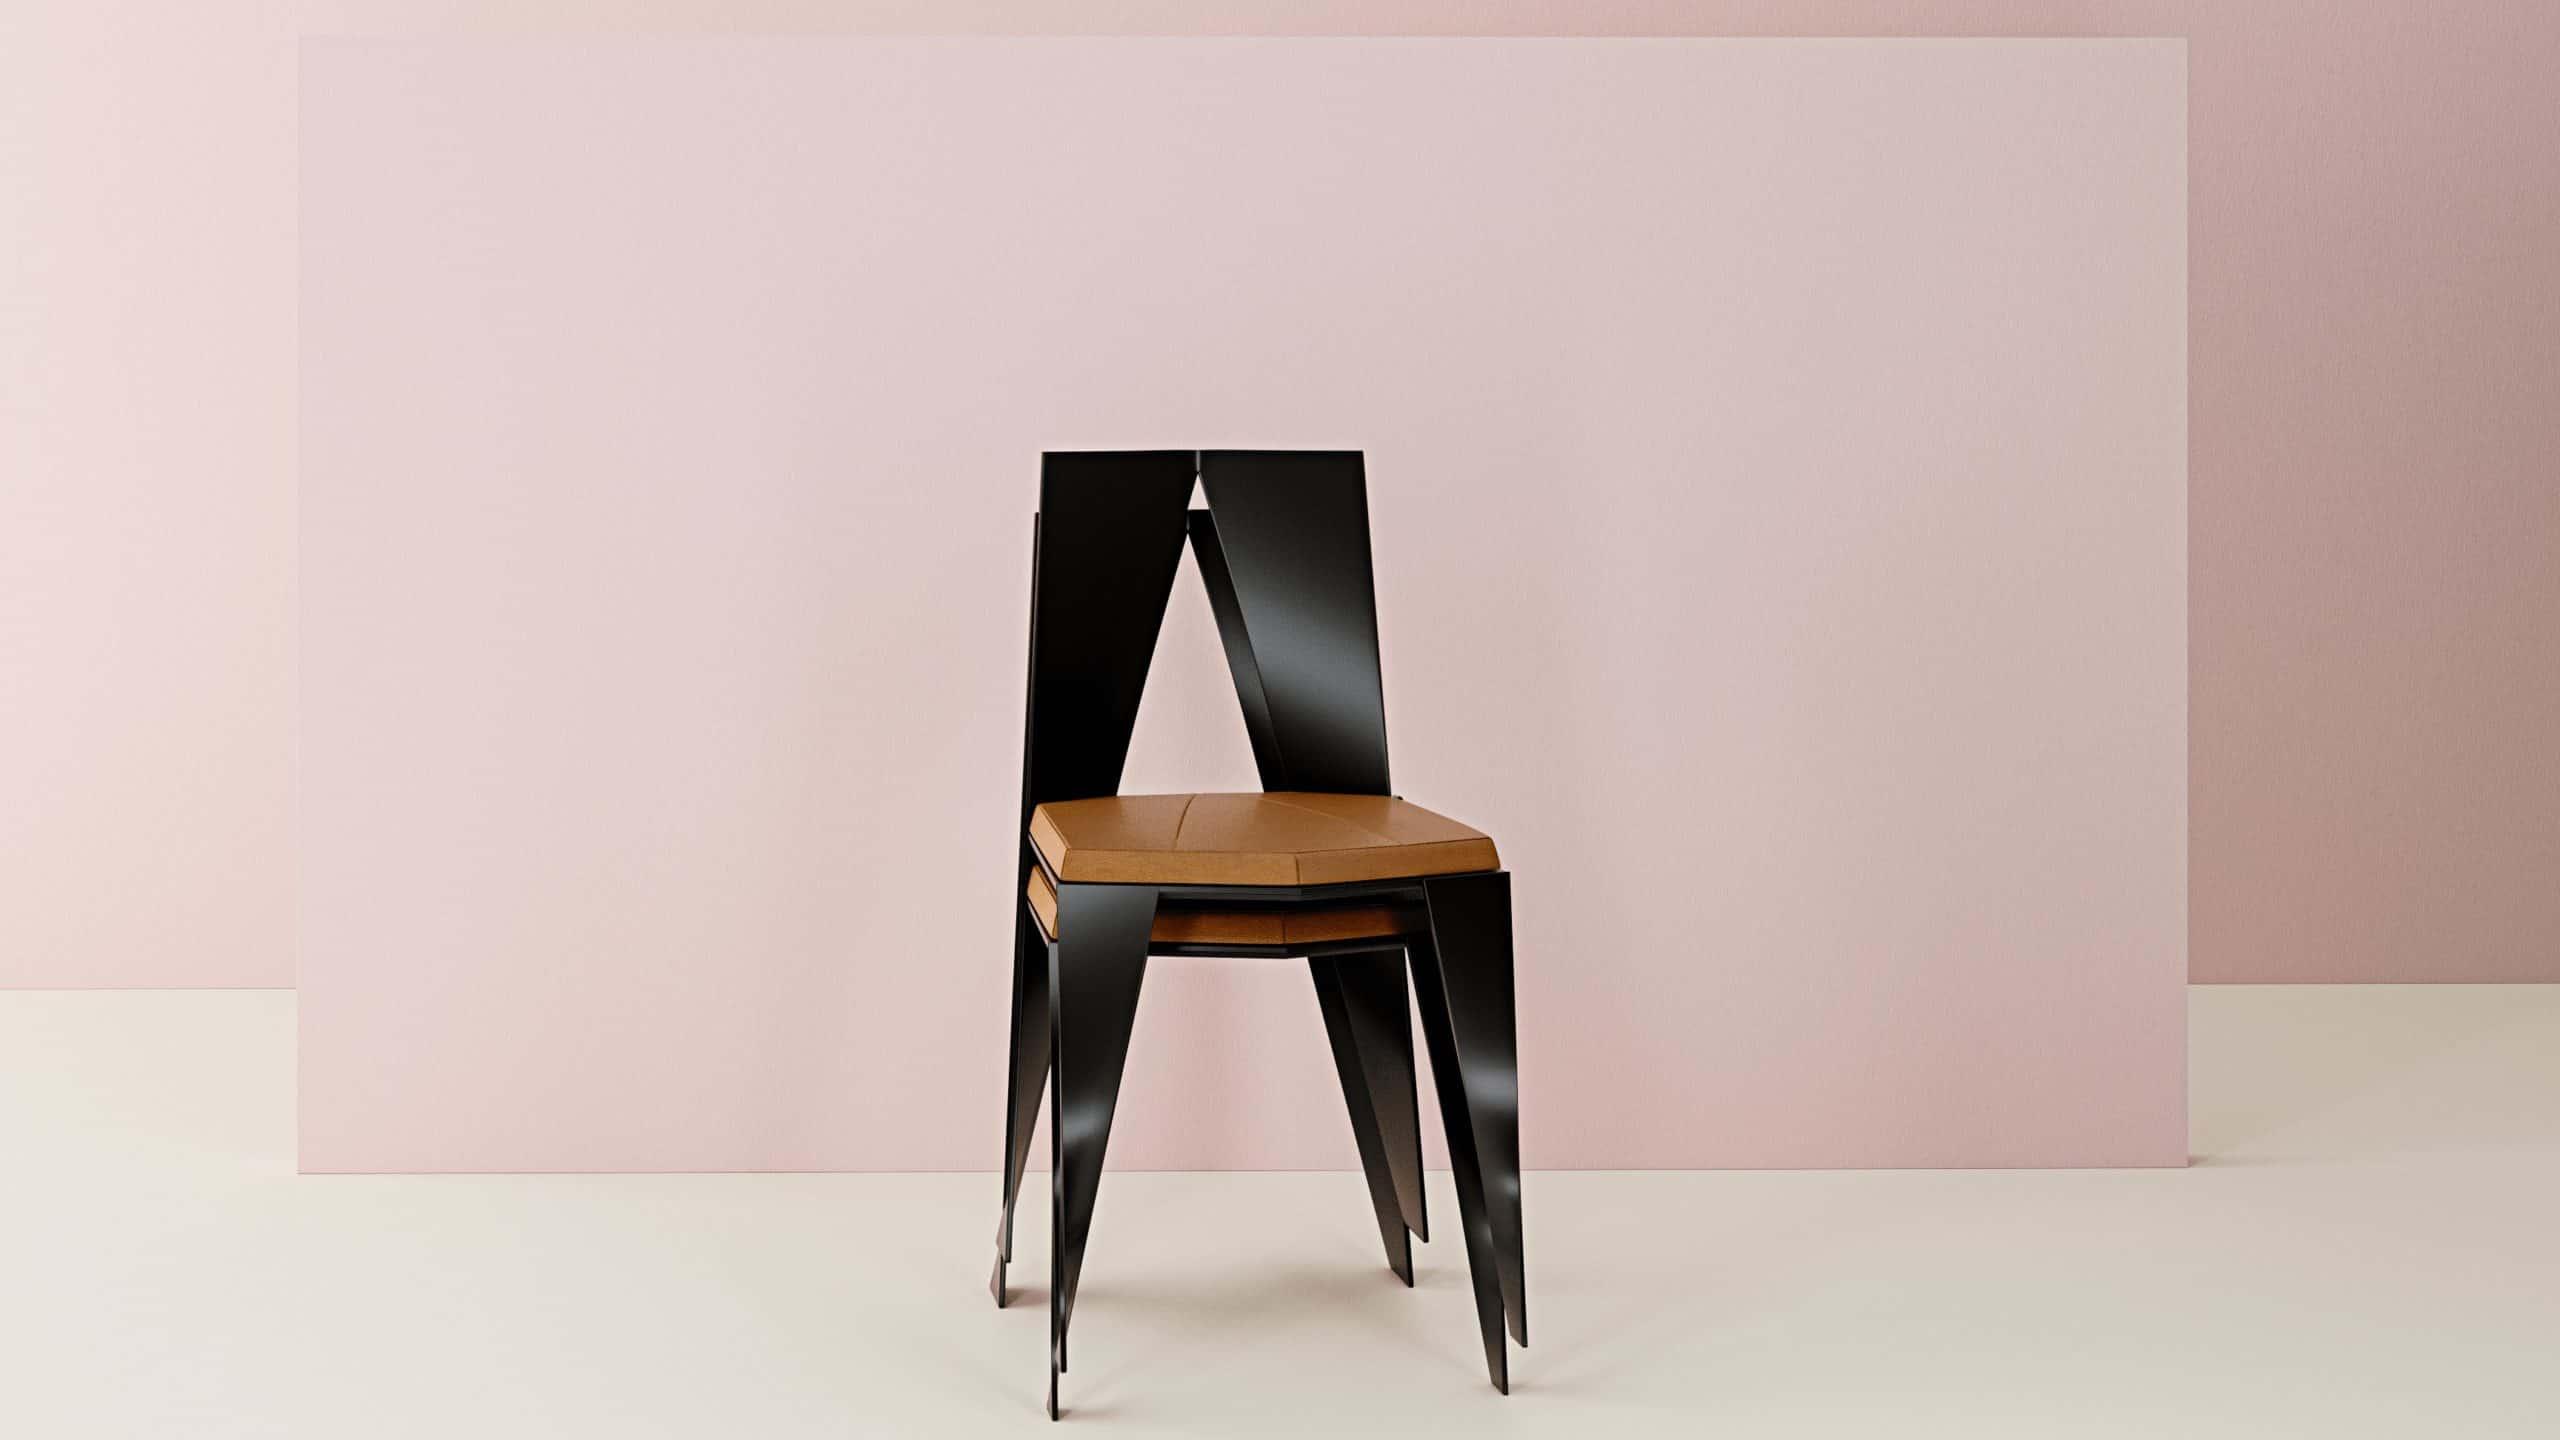 conception de la chaise IBRA INJ ARCHITECTS